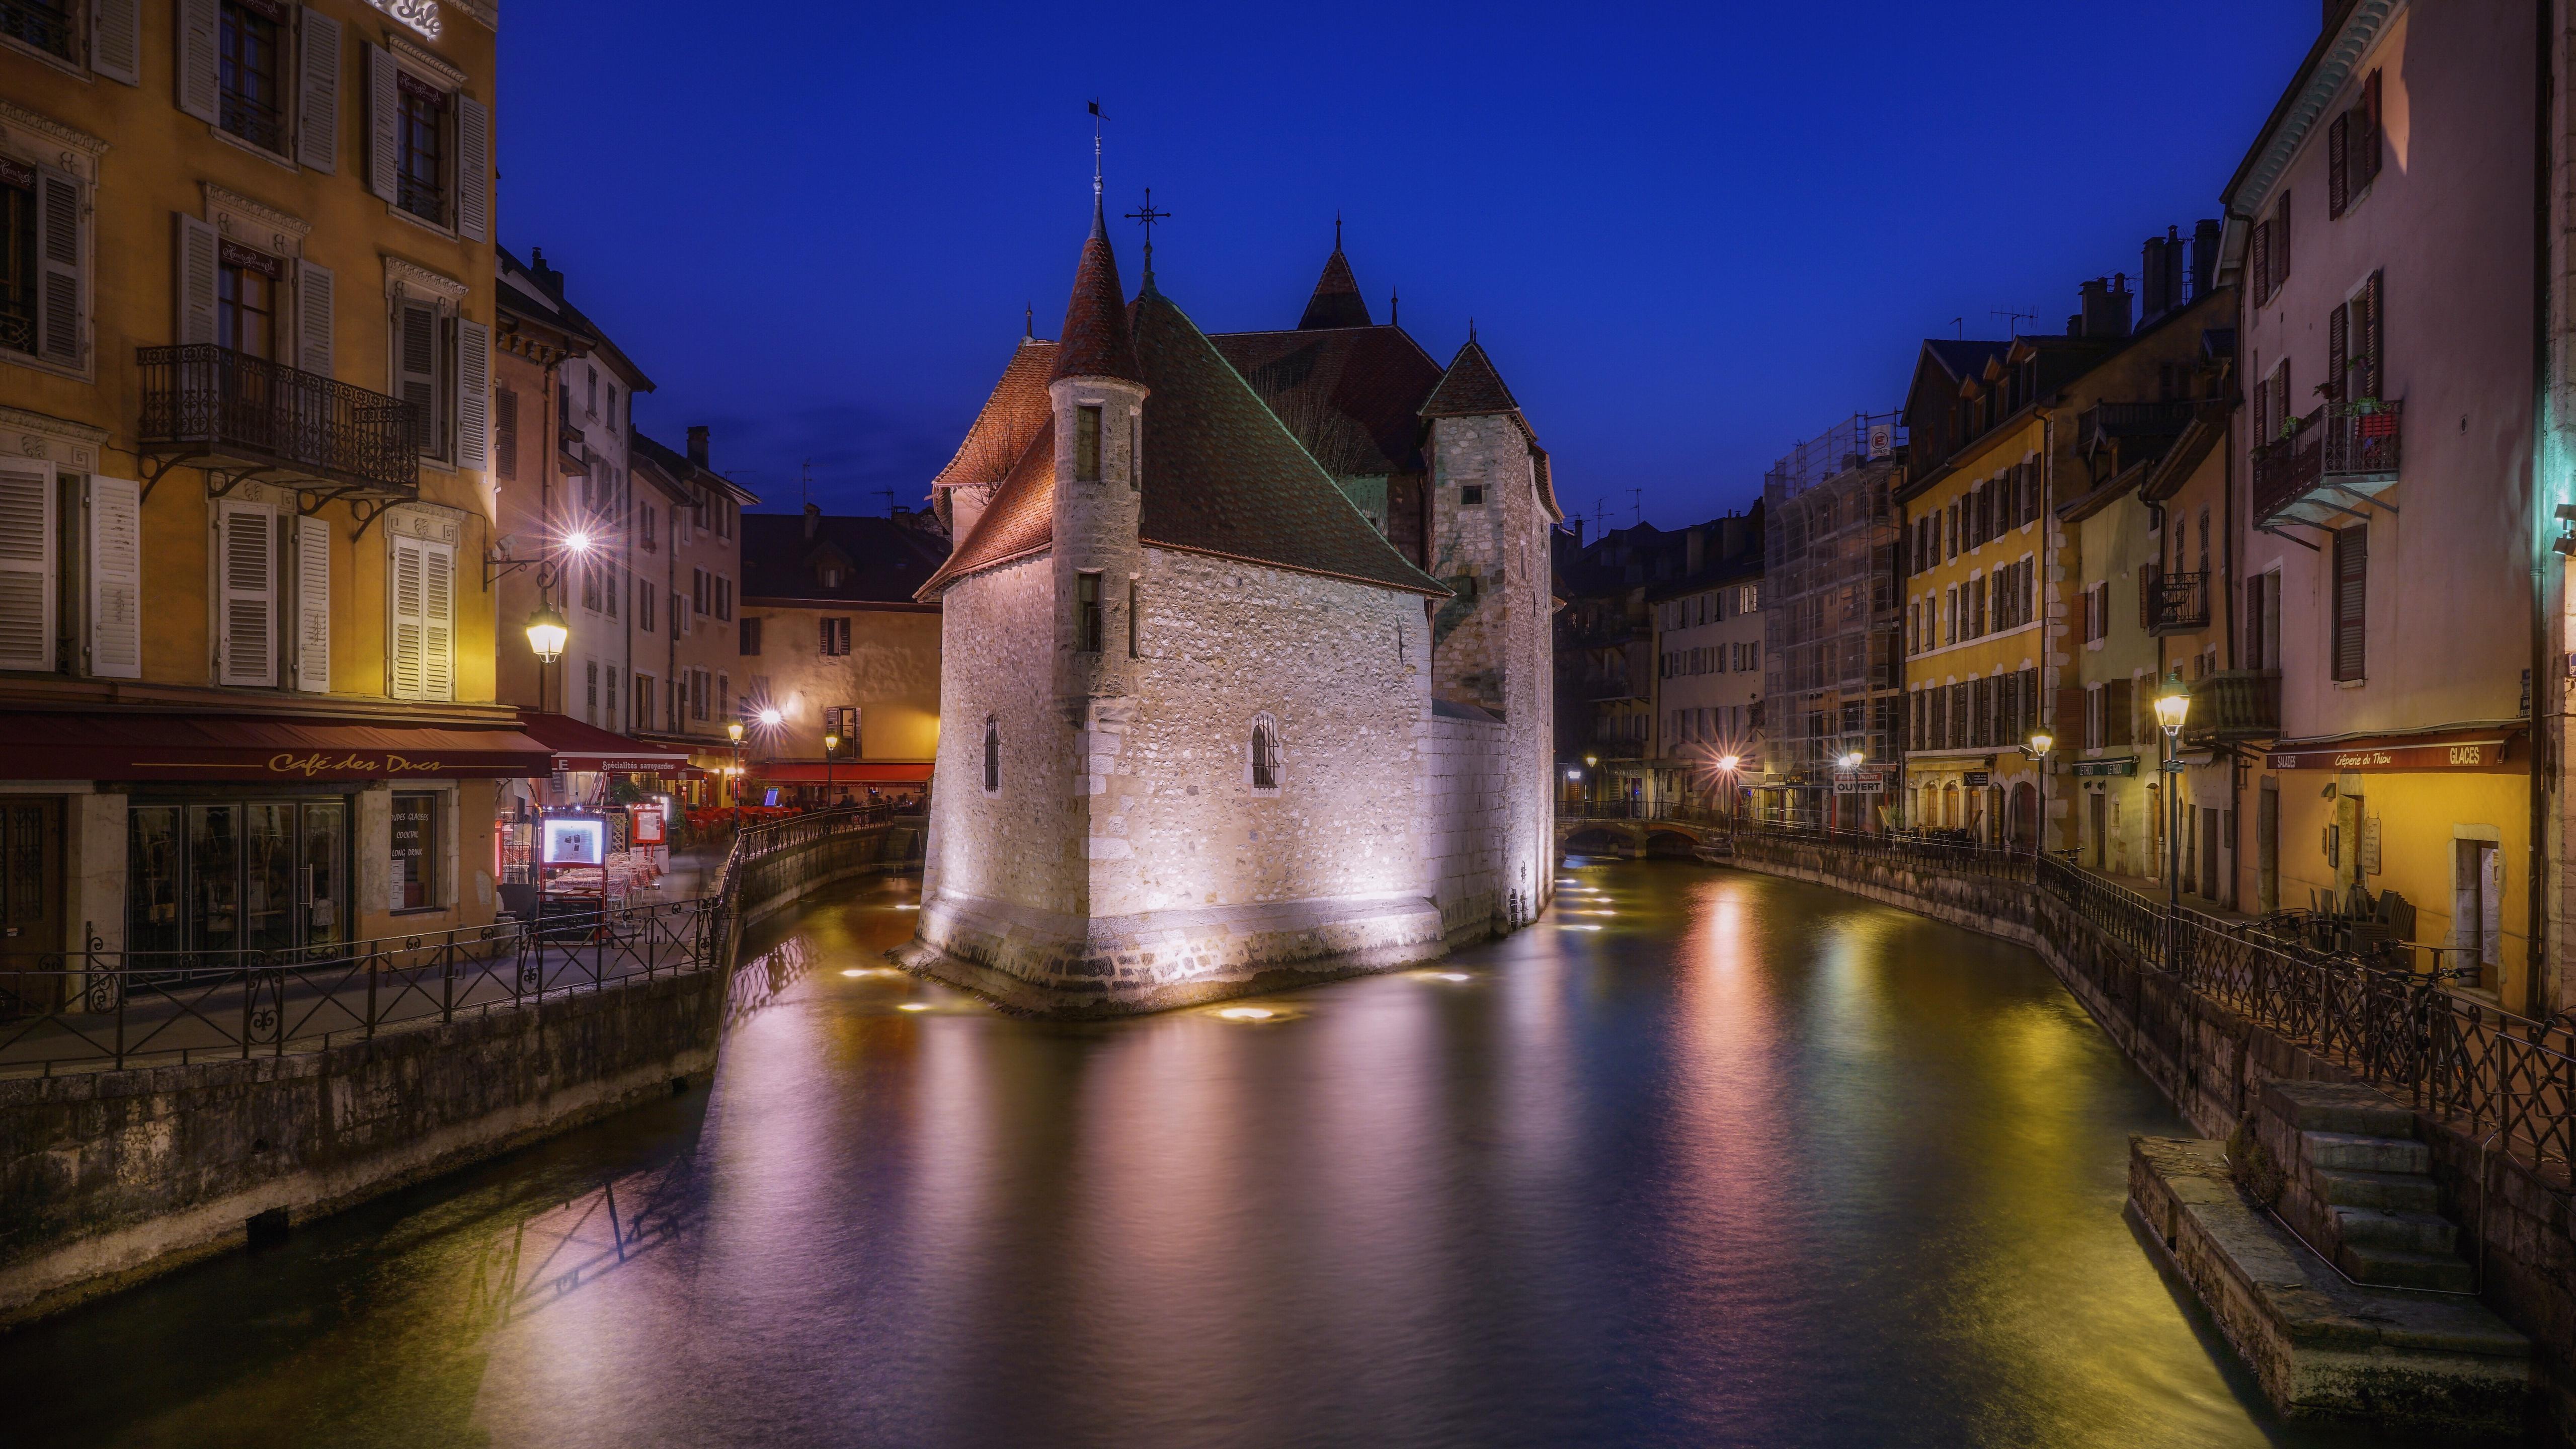 Bilde Frankrike Annecy Kanal farvann Natt Byer bygning 5120x2880 Hus byen en by bygninger